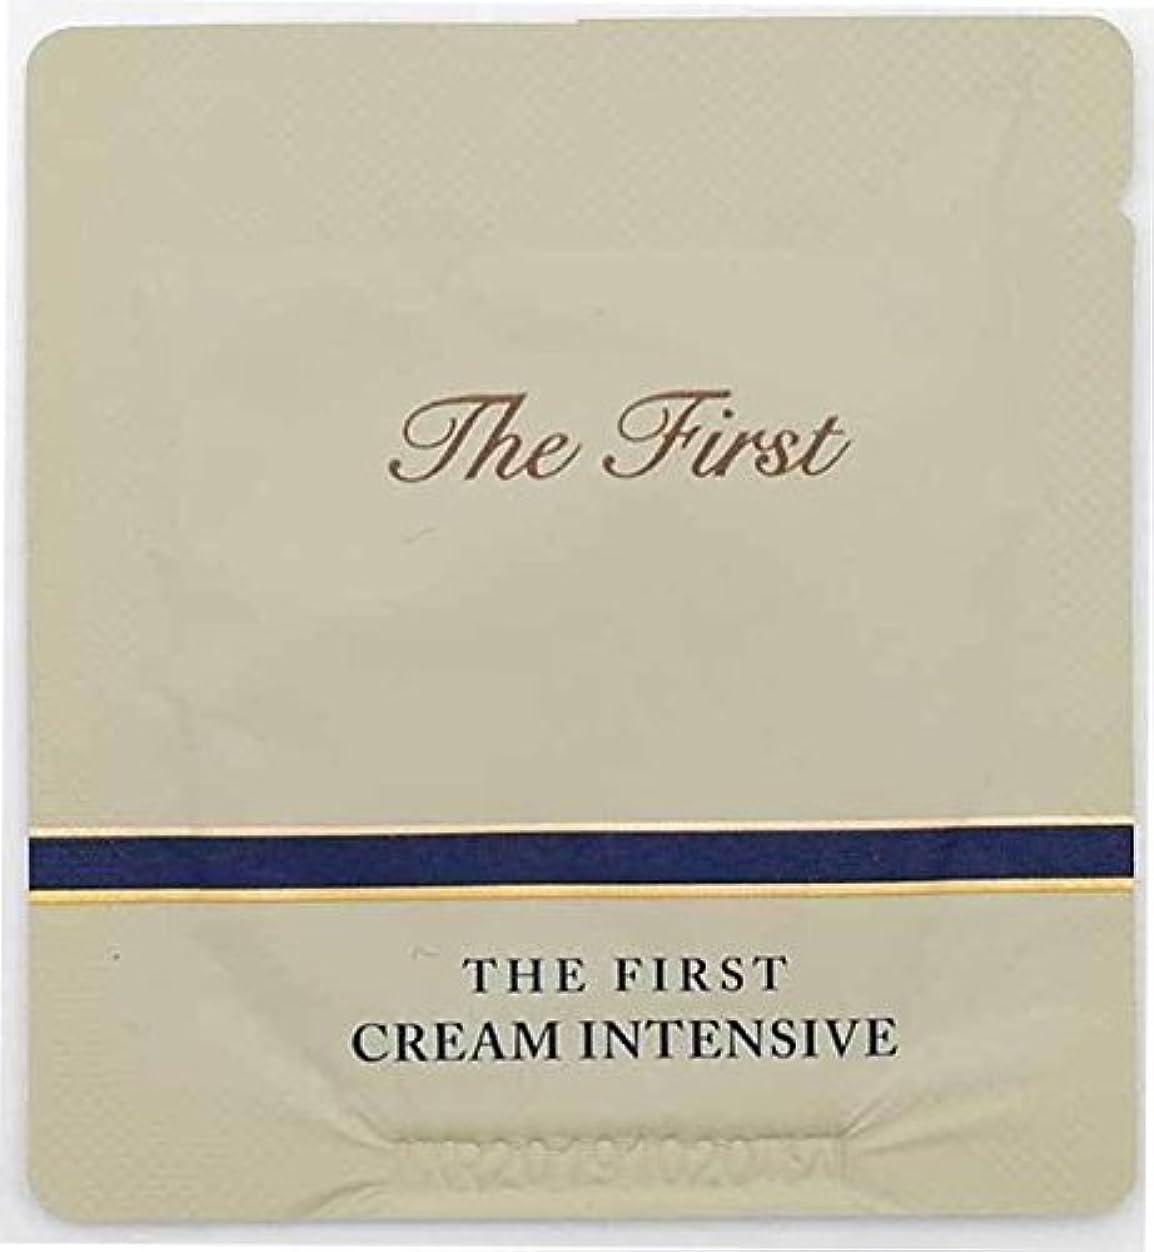 塗抹感情機動[サンプル] OHUI The First Cream intensive 1ml × 30ea/オフィ ザ ファースト クリーム インテンシブ 1ml × 30個